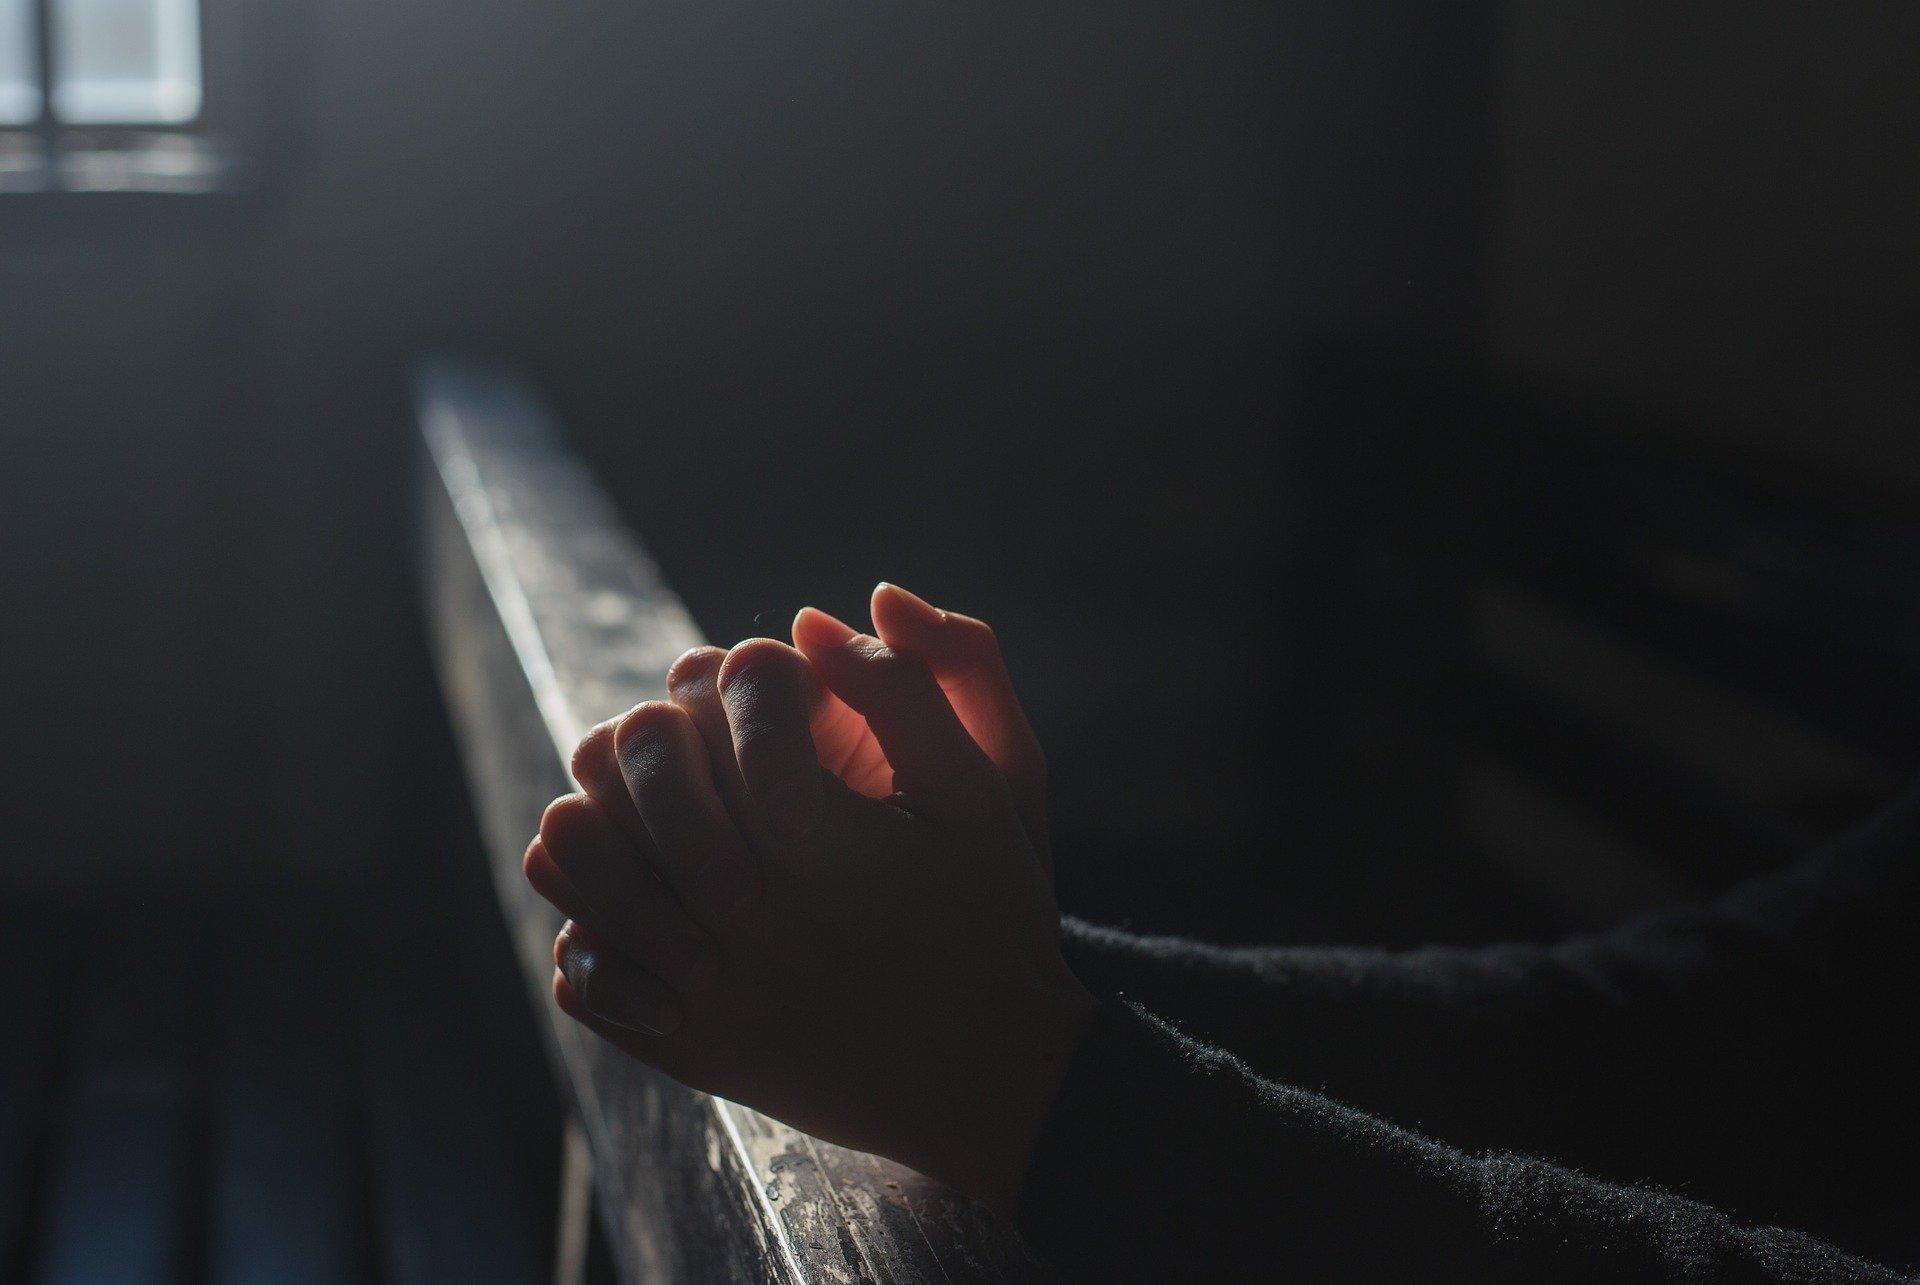 SANOK: Nagie zdjęcia księdza w Internecie. Parafianie zniesmaczeni [ZDJĘCIA] - Zdjęcie główne